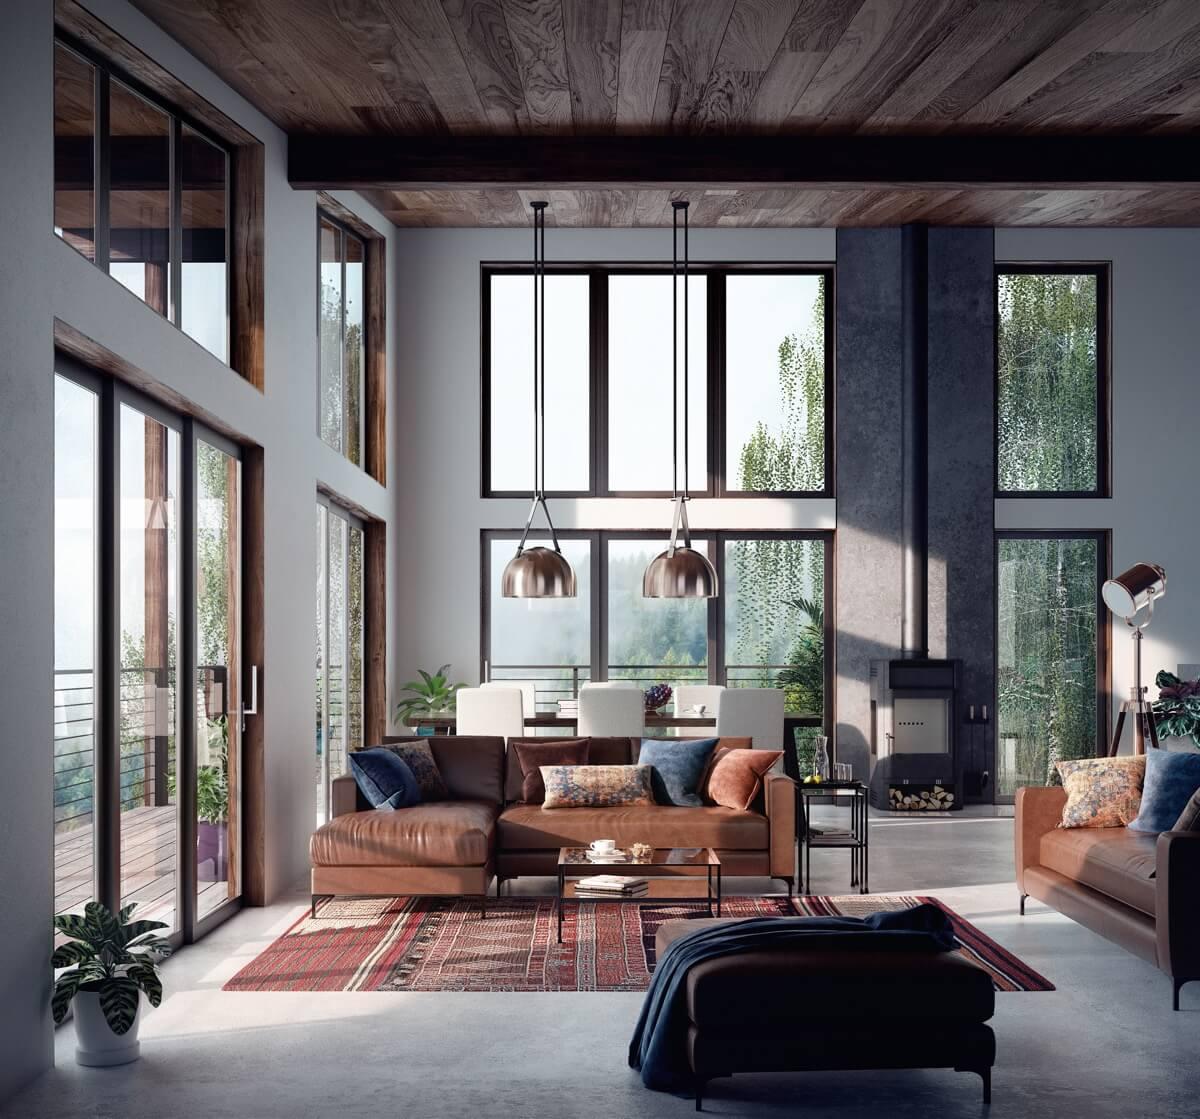 nội thất phòng khách đẹp hiện đại 6